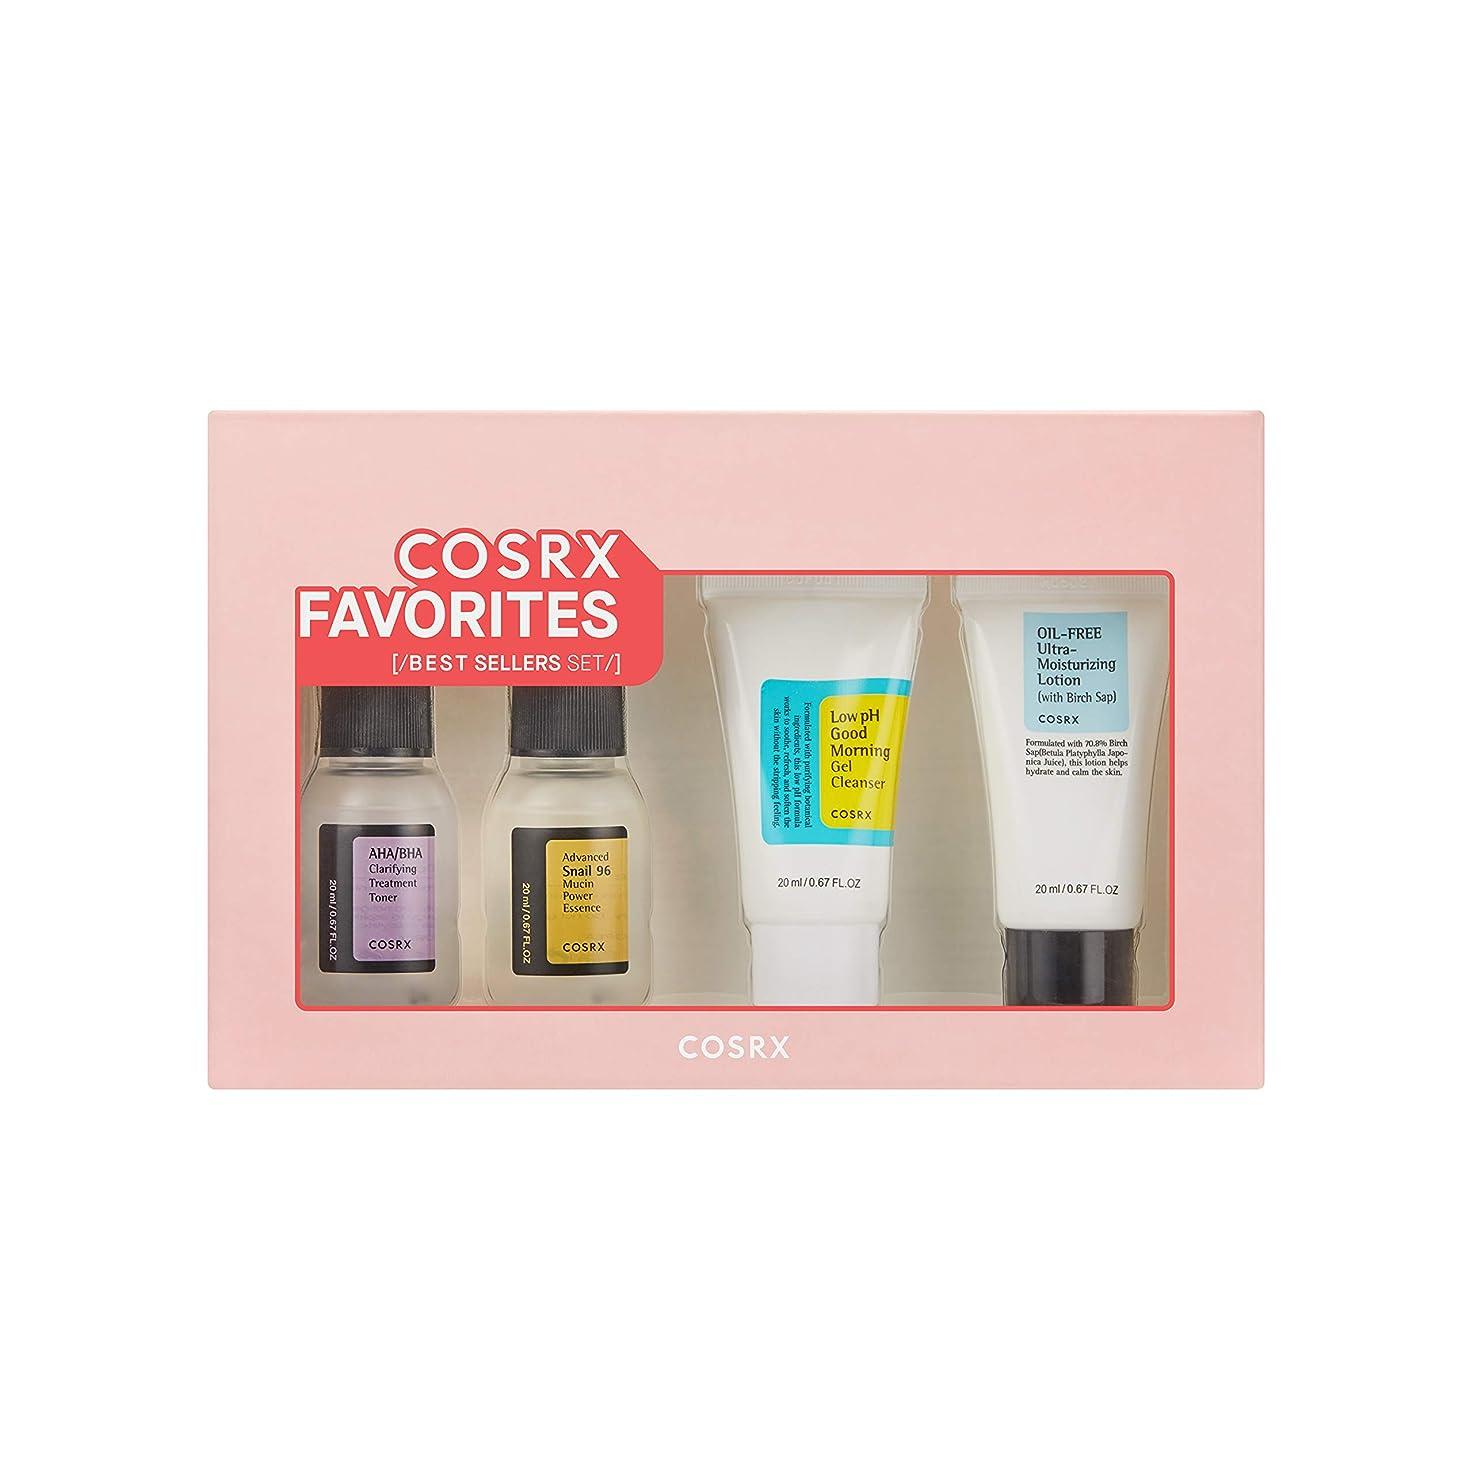 間例めったにCOSRX Favorites Best Sellers Set - Mini Sized Low pH Good Morning Gel Cleanser, AHA/BHA Clarifying Treatment Toner, Advanced Snail 96 Mucin Power Essence, Oil-Free Ultra Moisturizing Lotion (並行輸入品)